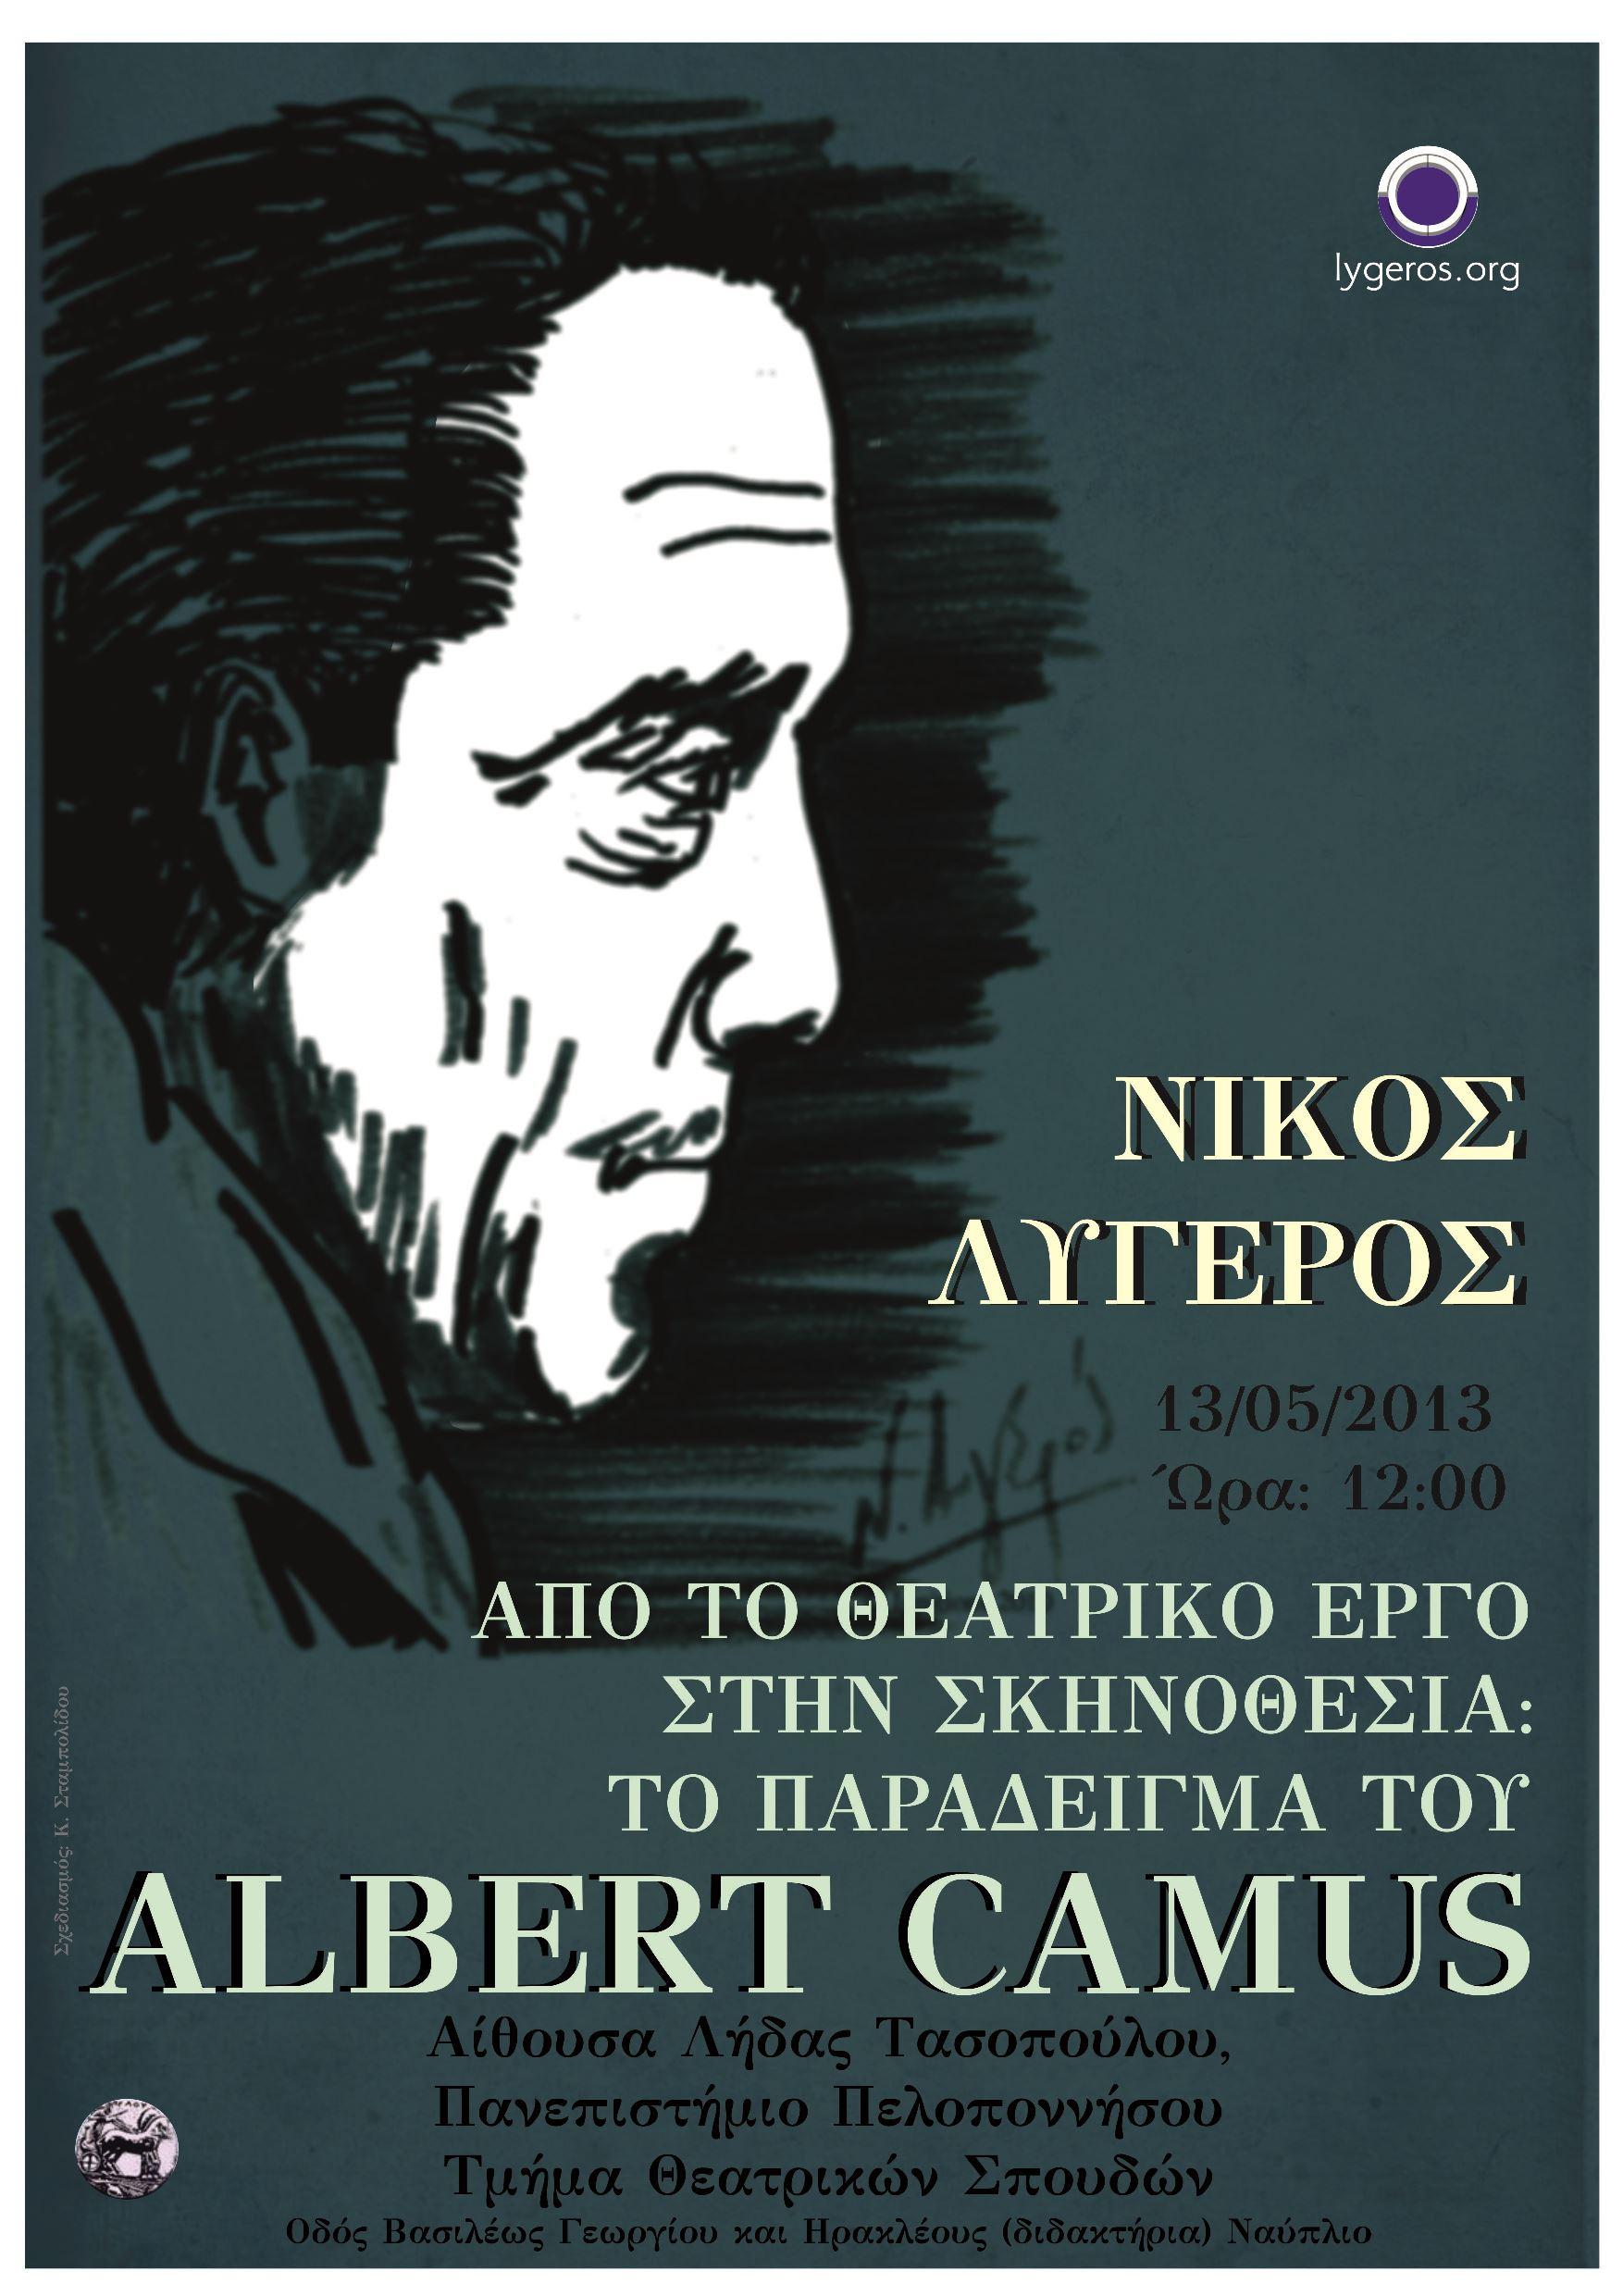 Από το θεατρικό έργο στη σκηνοθεσία: Το παράδειγμα του Albert Camus